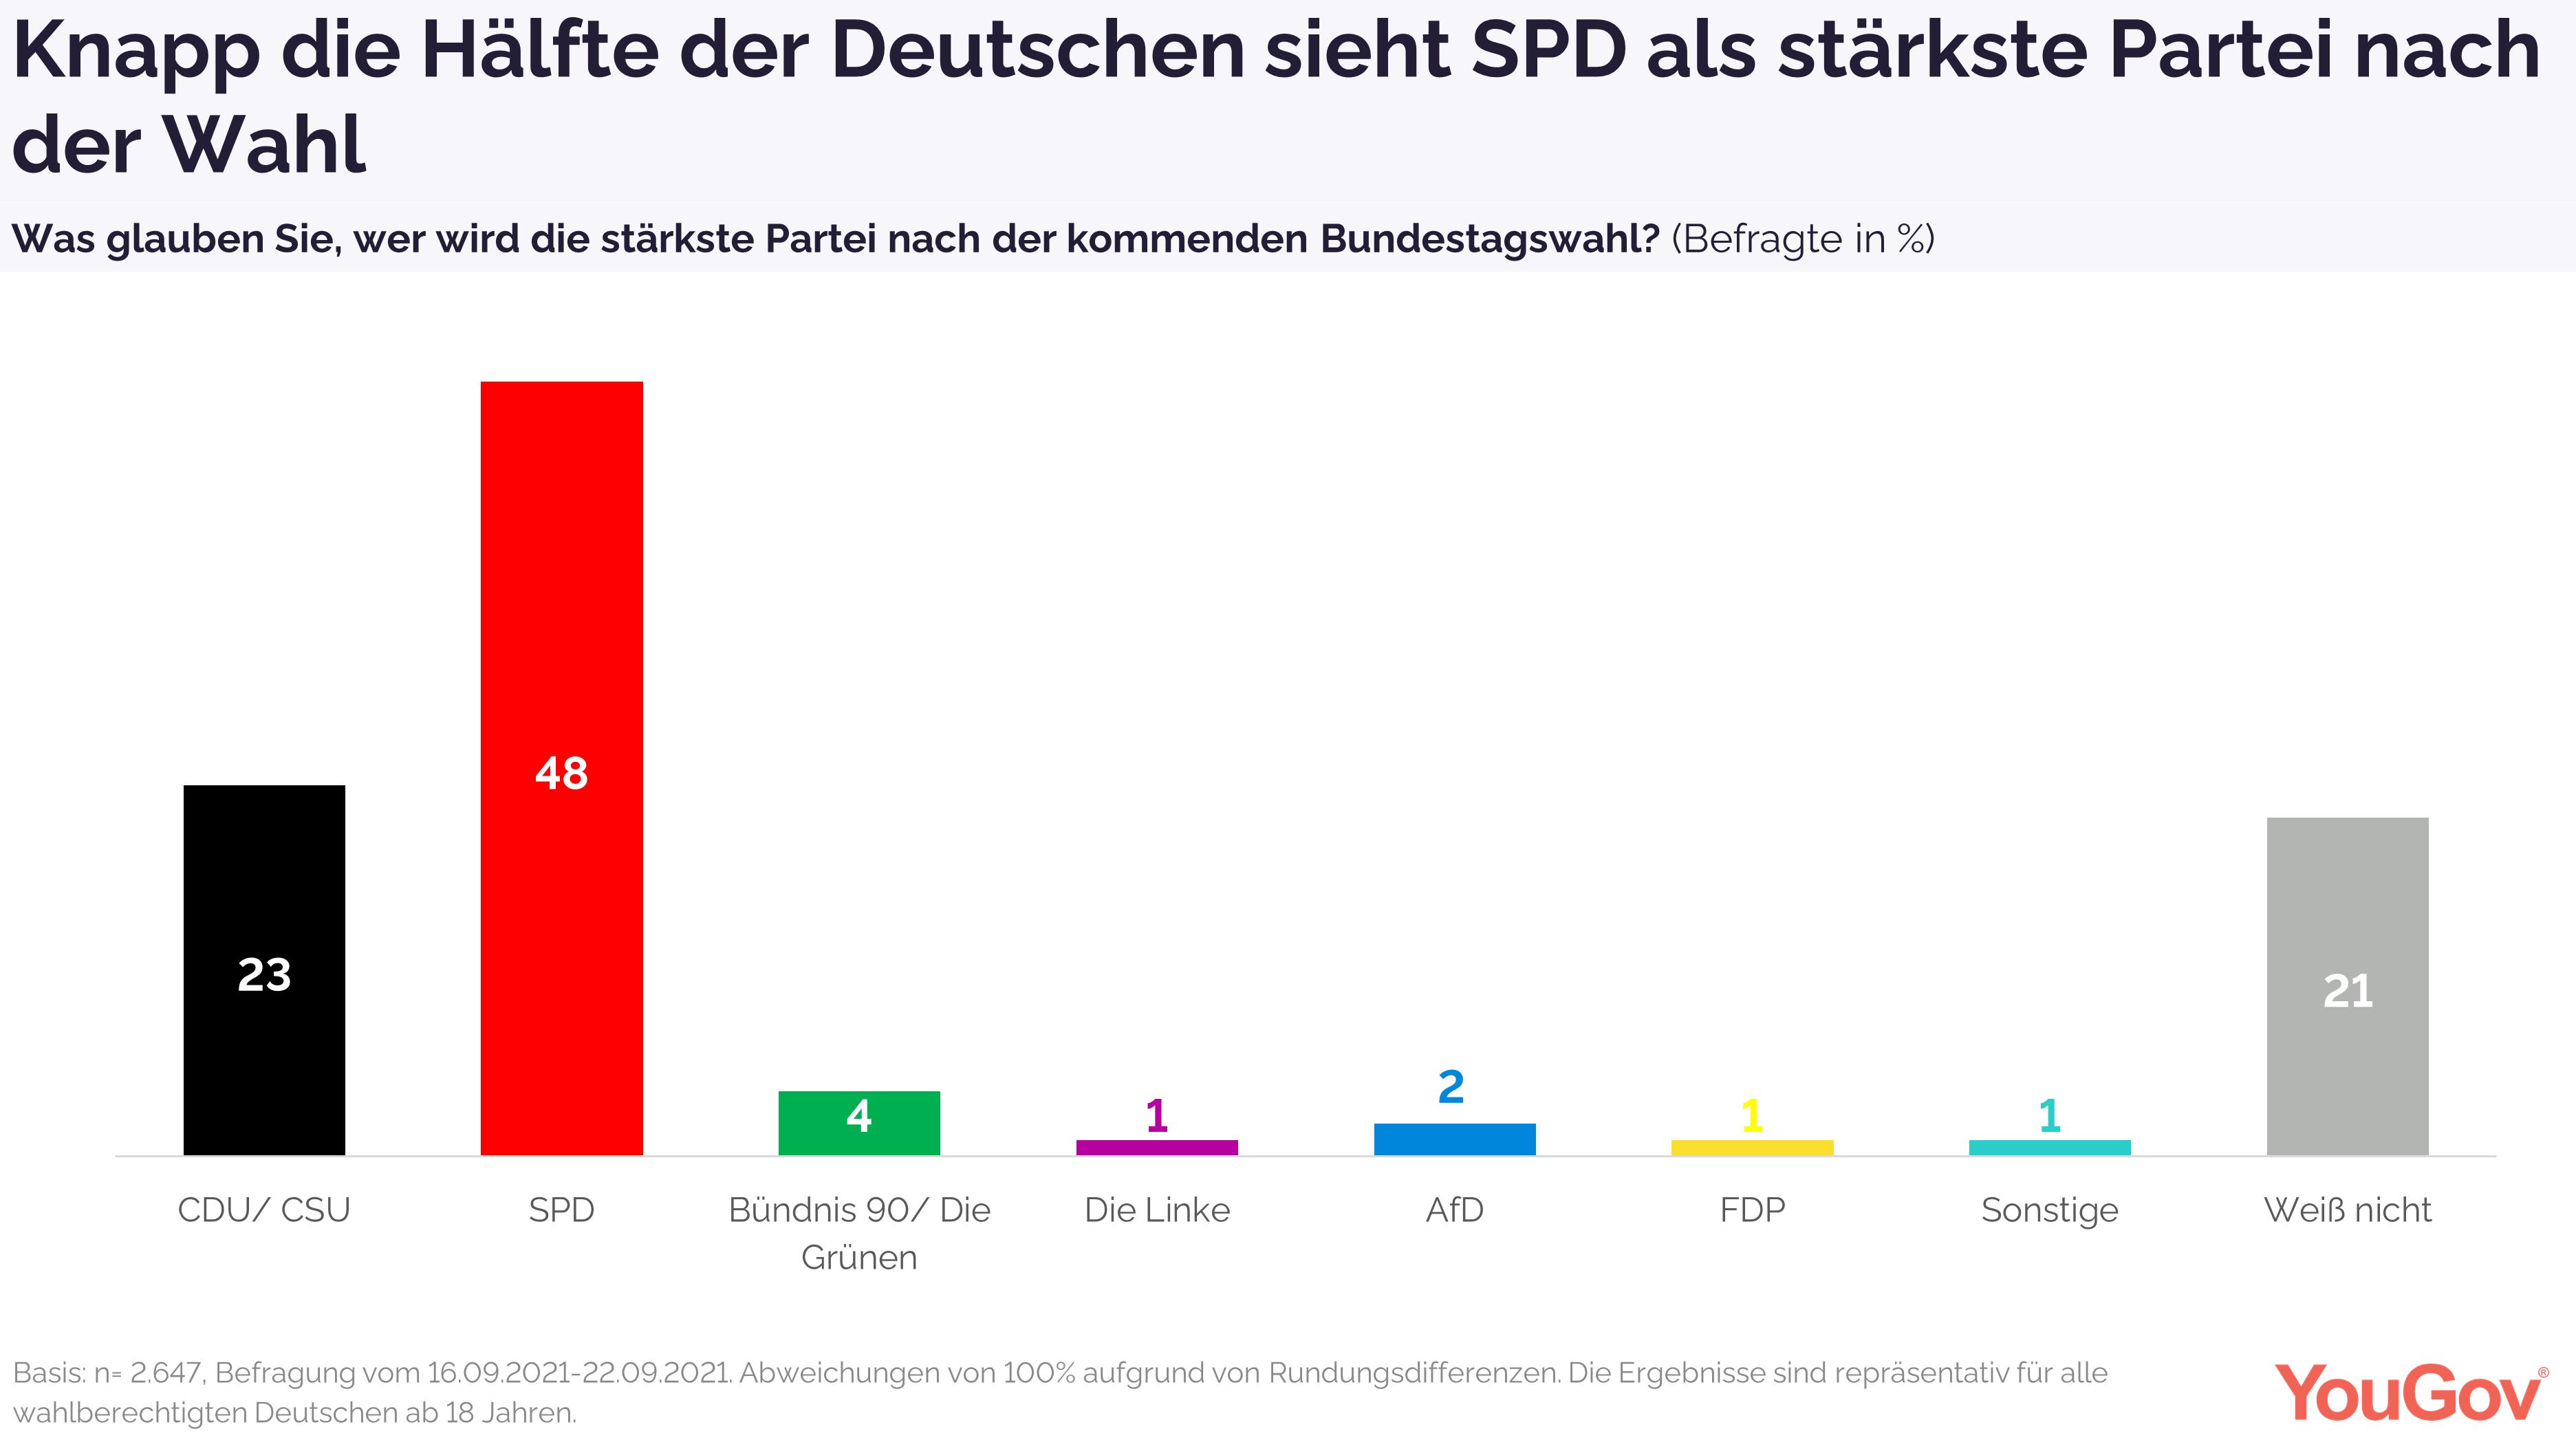 SPD wird als stärkste Partei nach der Wahl vermutet